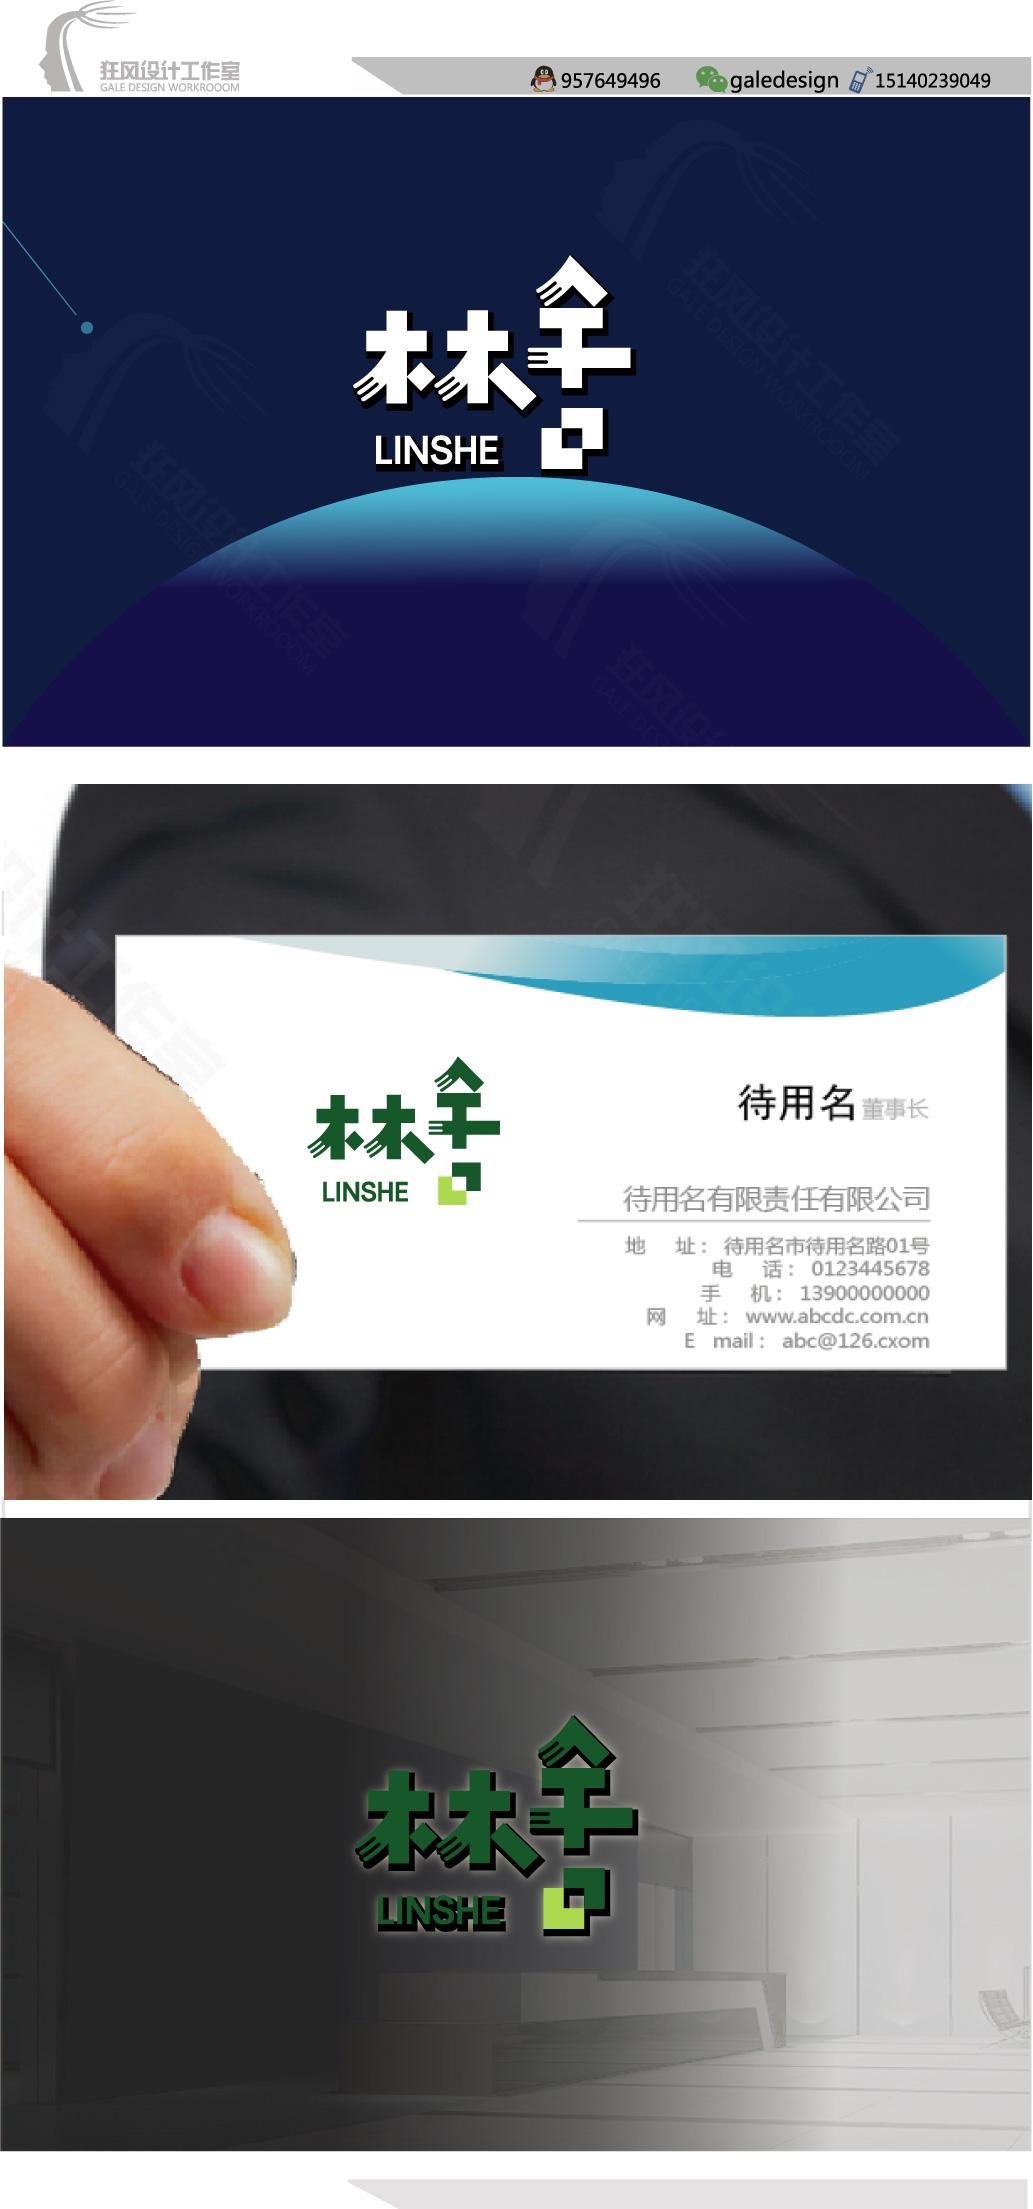 """设计""""林舍""""logo_2939750_k68威客网"""